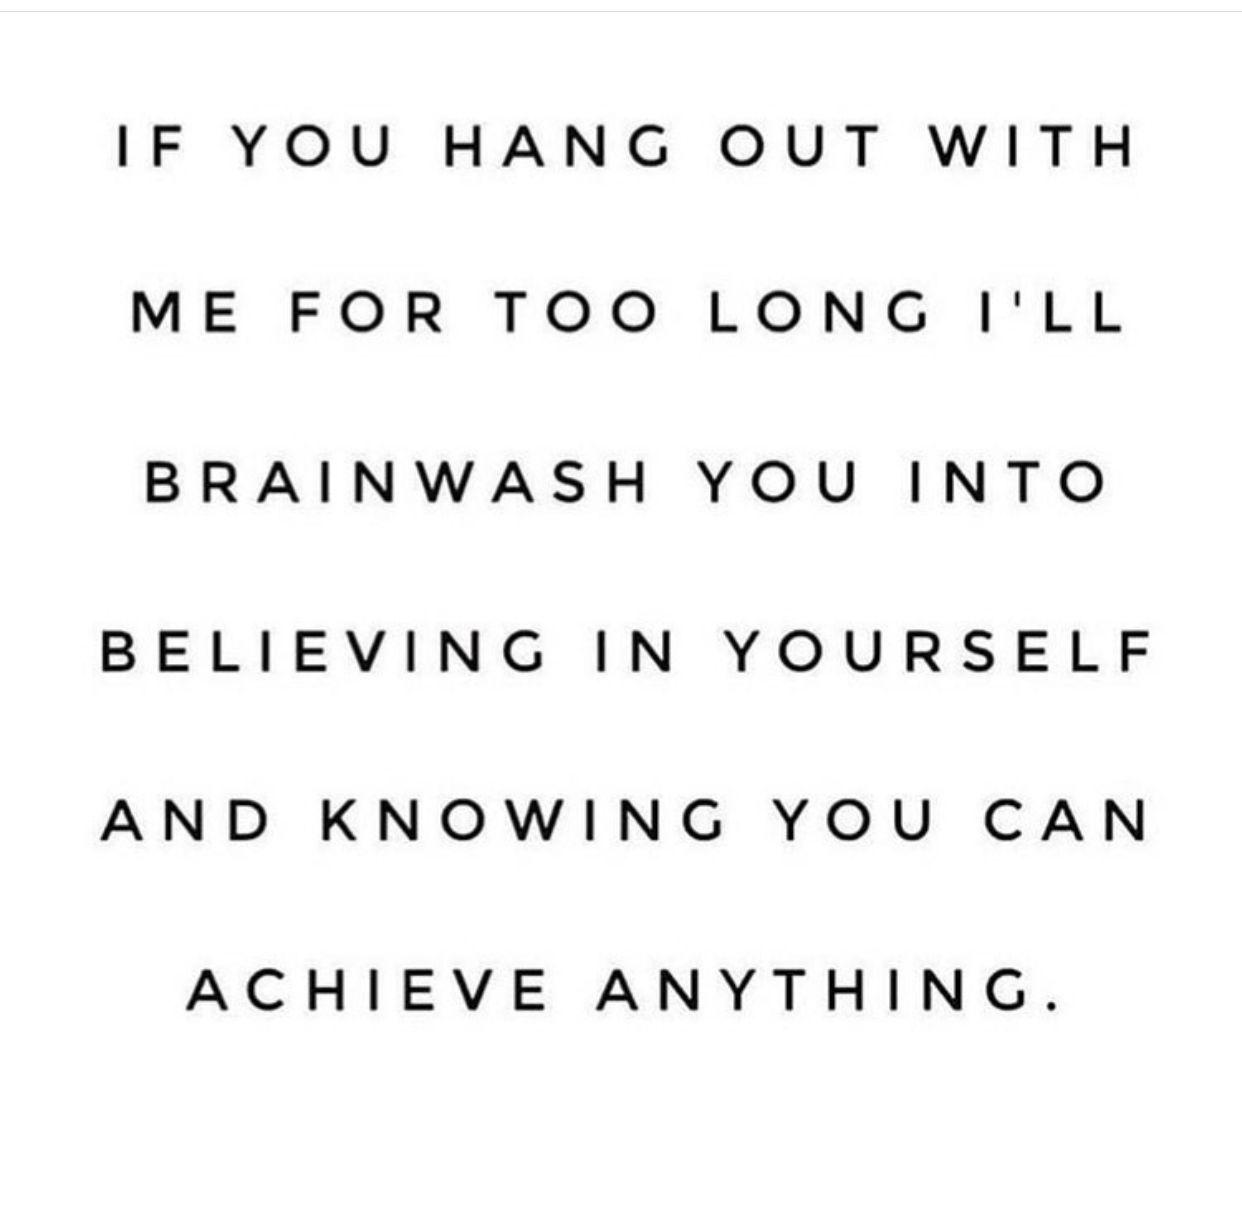 I believe in you. #pumpyouup #goodvibesonly #youcan #believethat #believeinyou #possibilities #fitne...